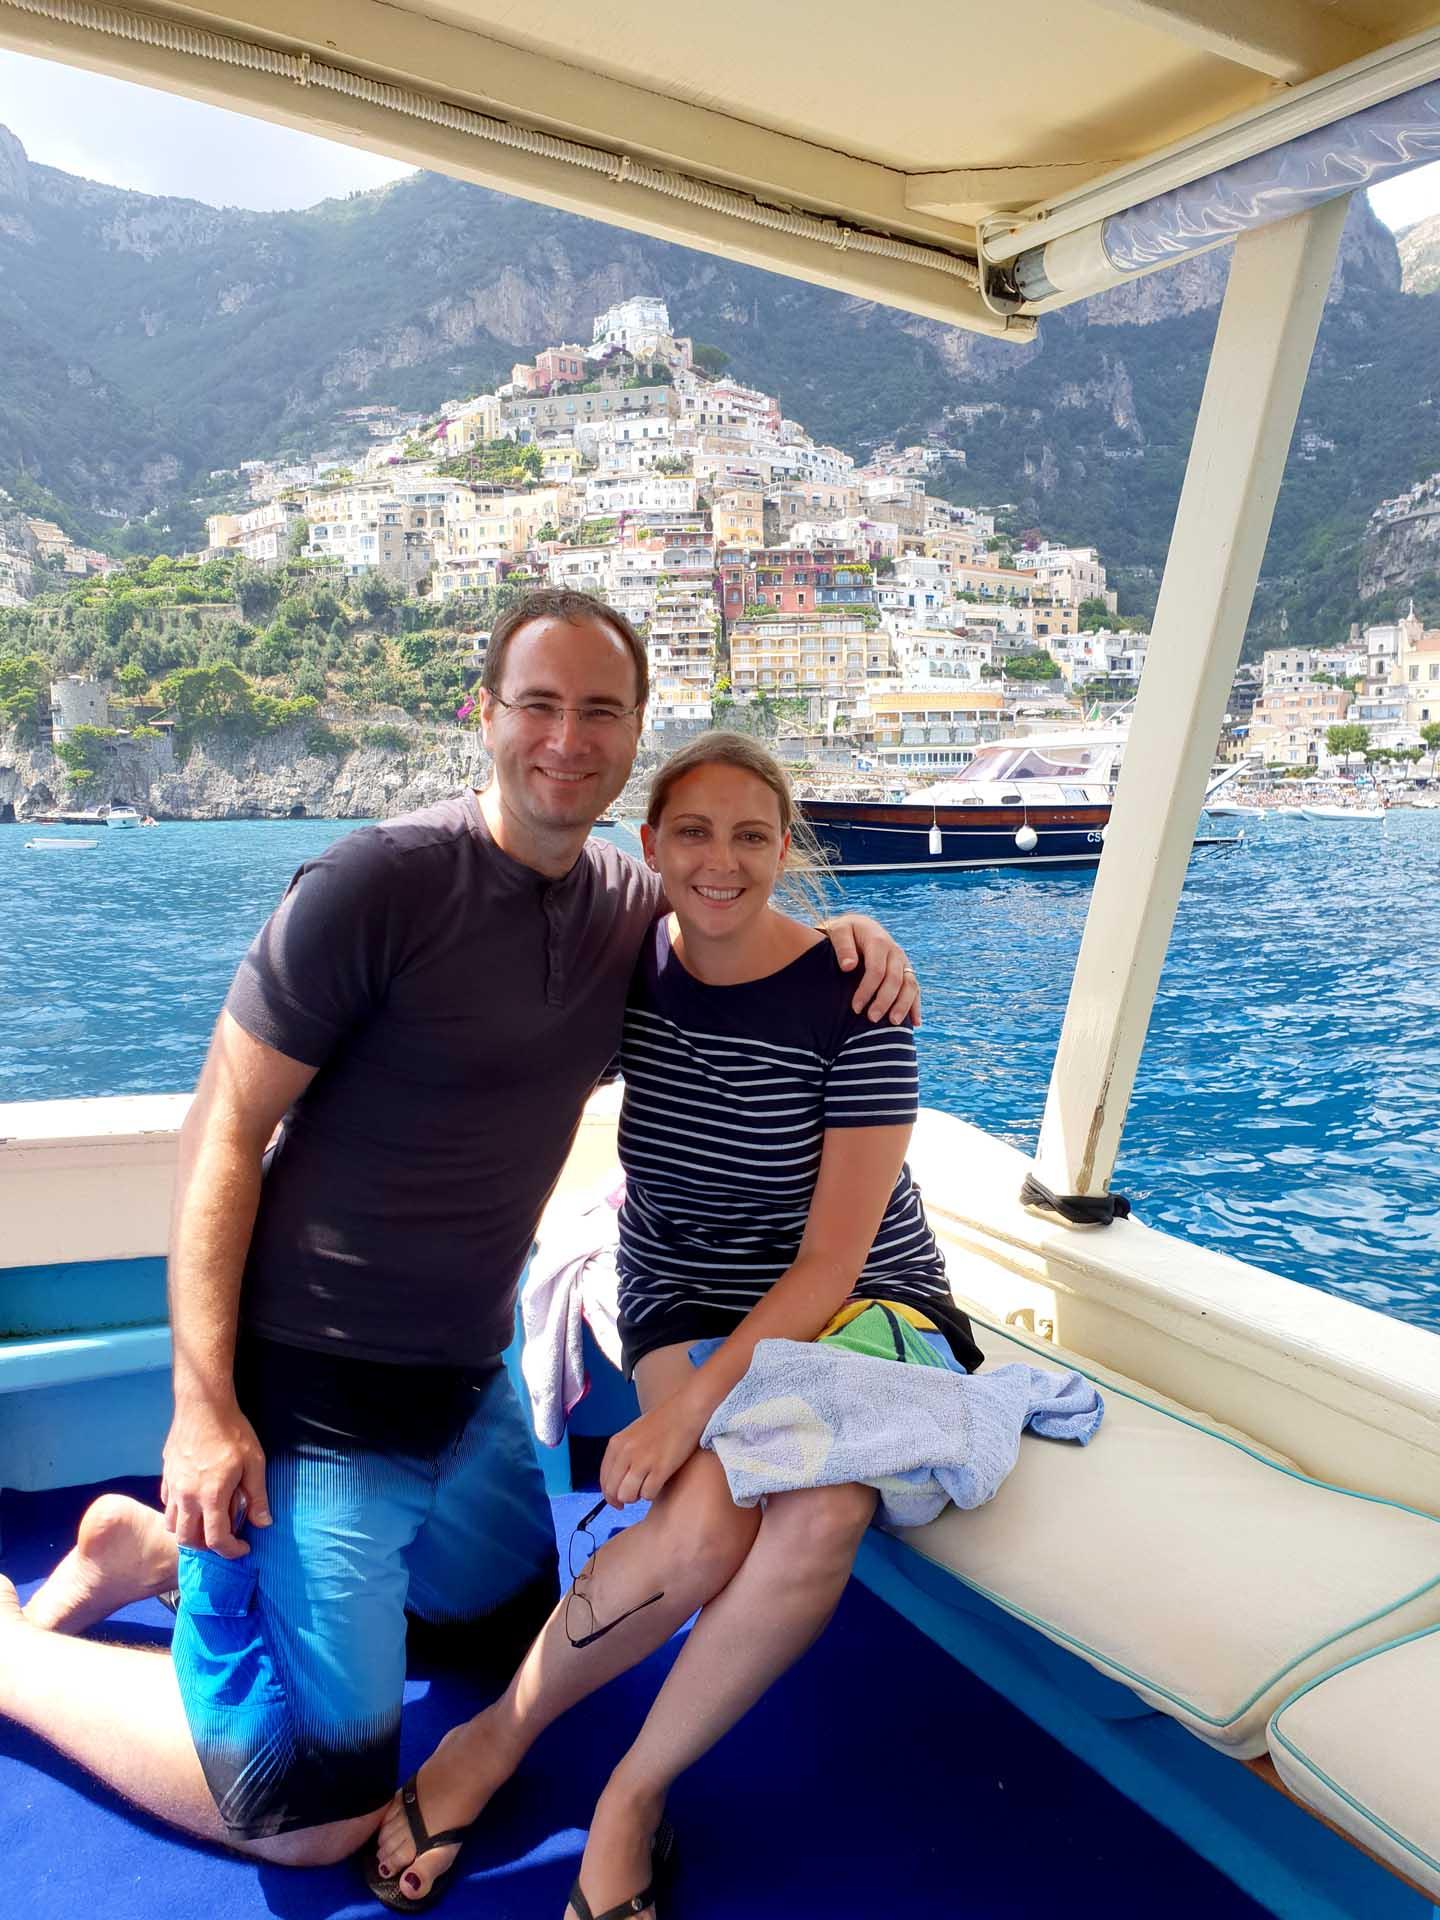 Private boat excursion to Amalfi Coast